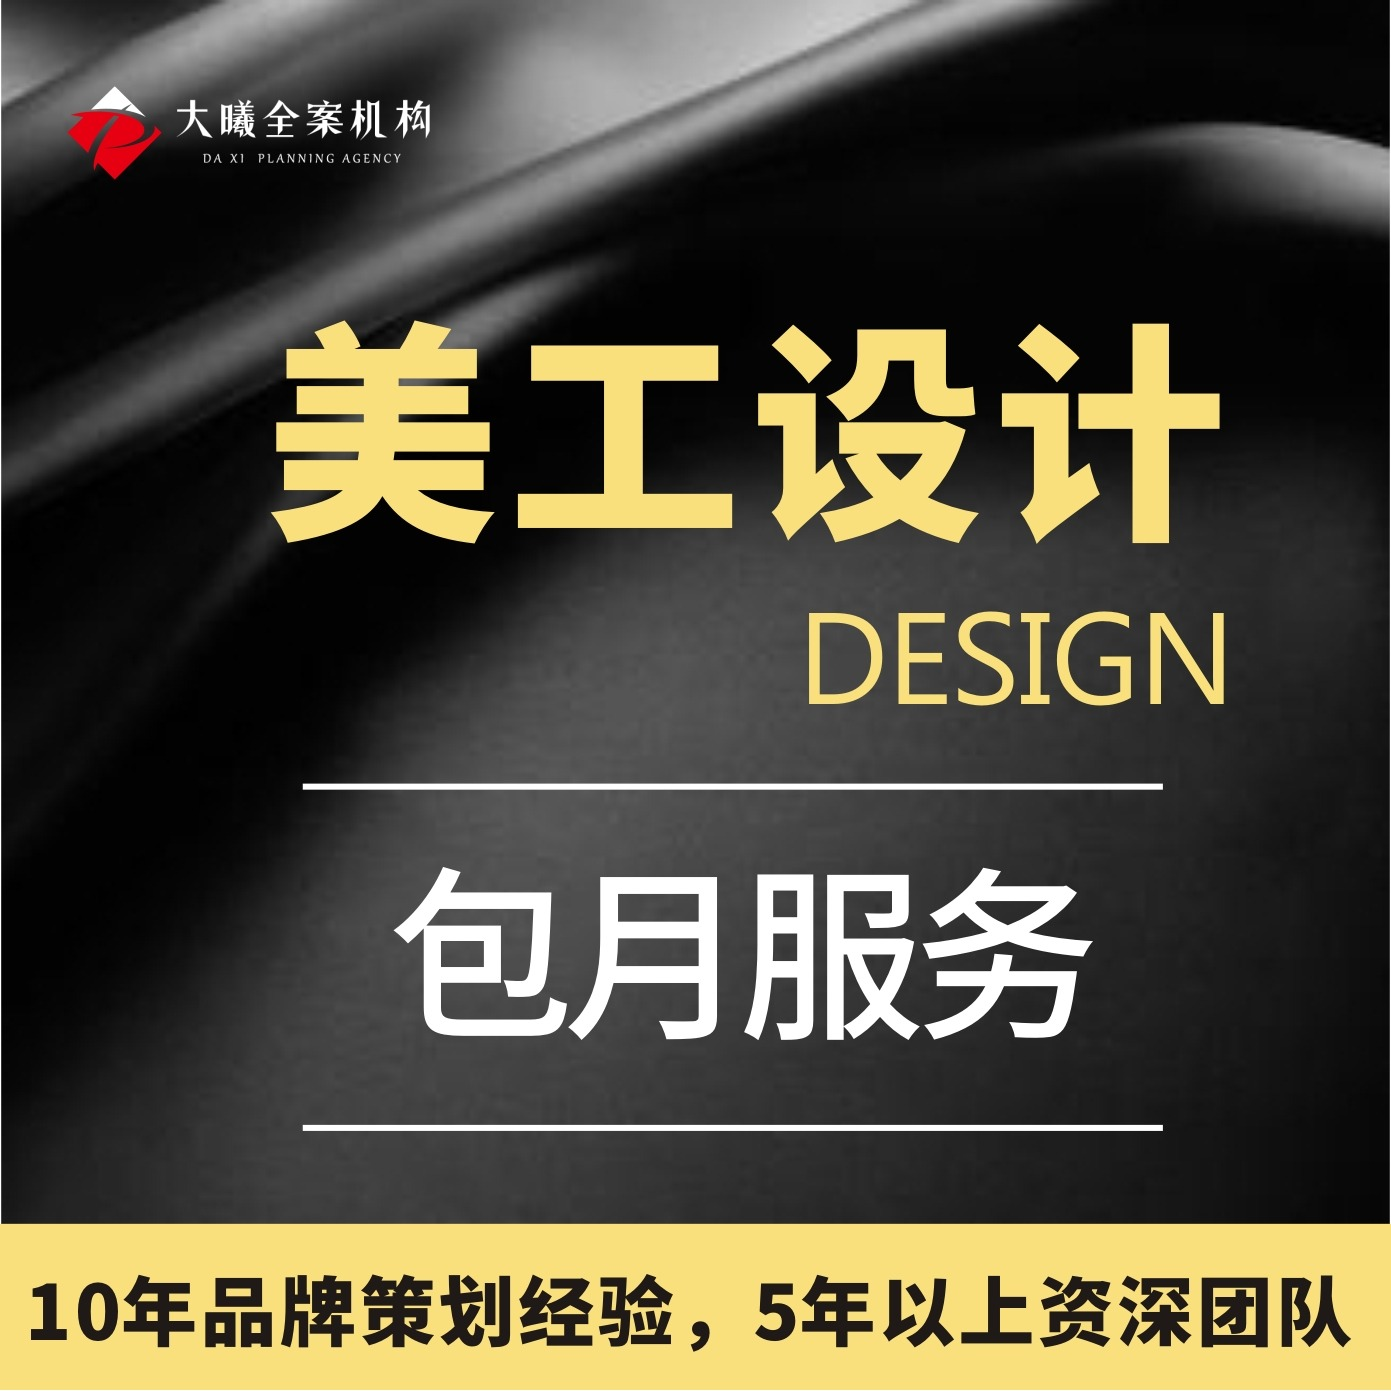 大曦全案机构图片处理海报 设计 电商微商美工 设计 (包月服务)